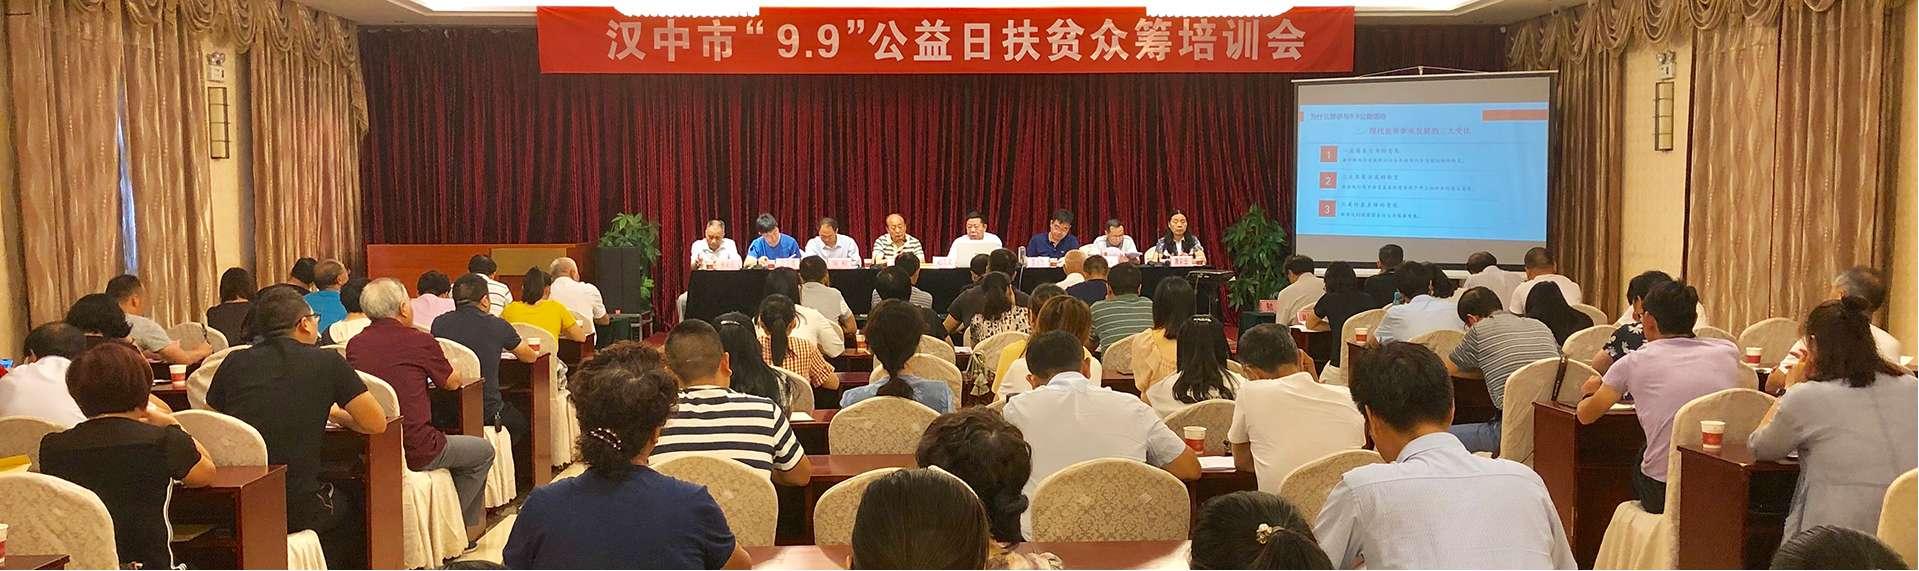 汉中市99公益日扶贫众筹培训